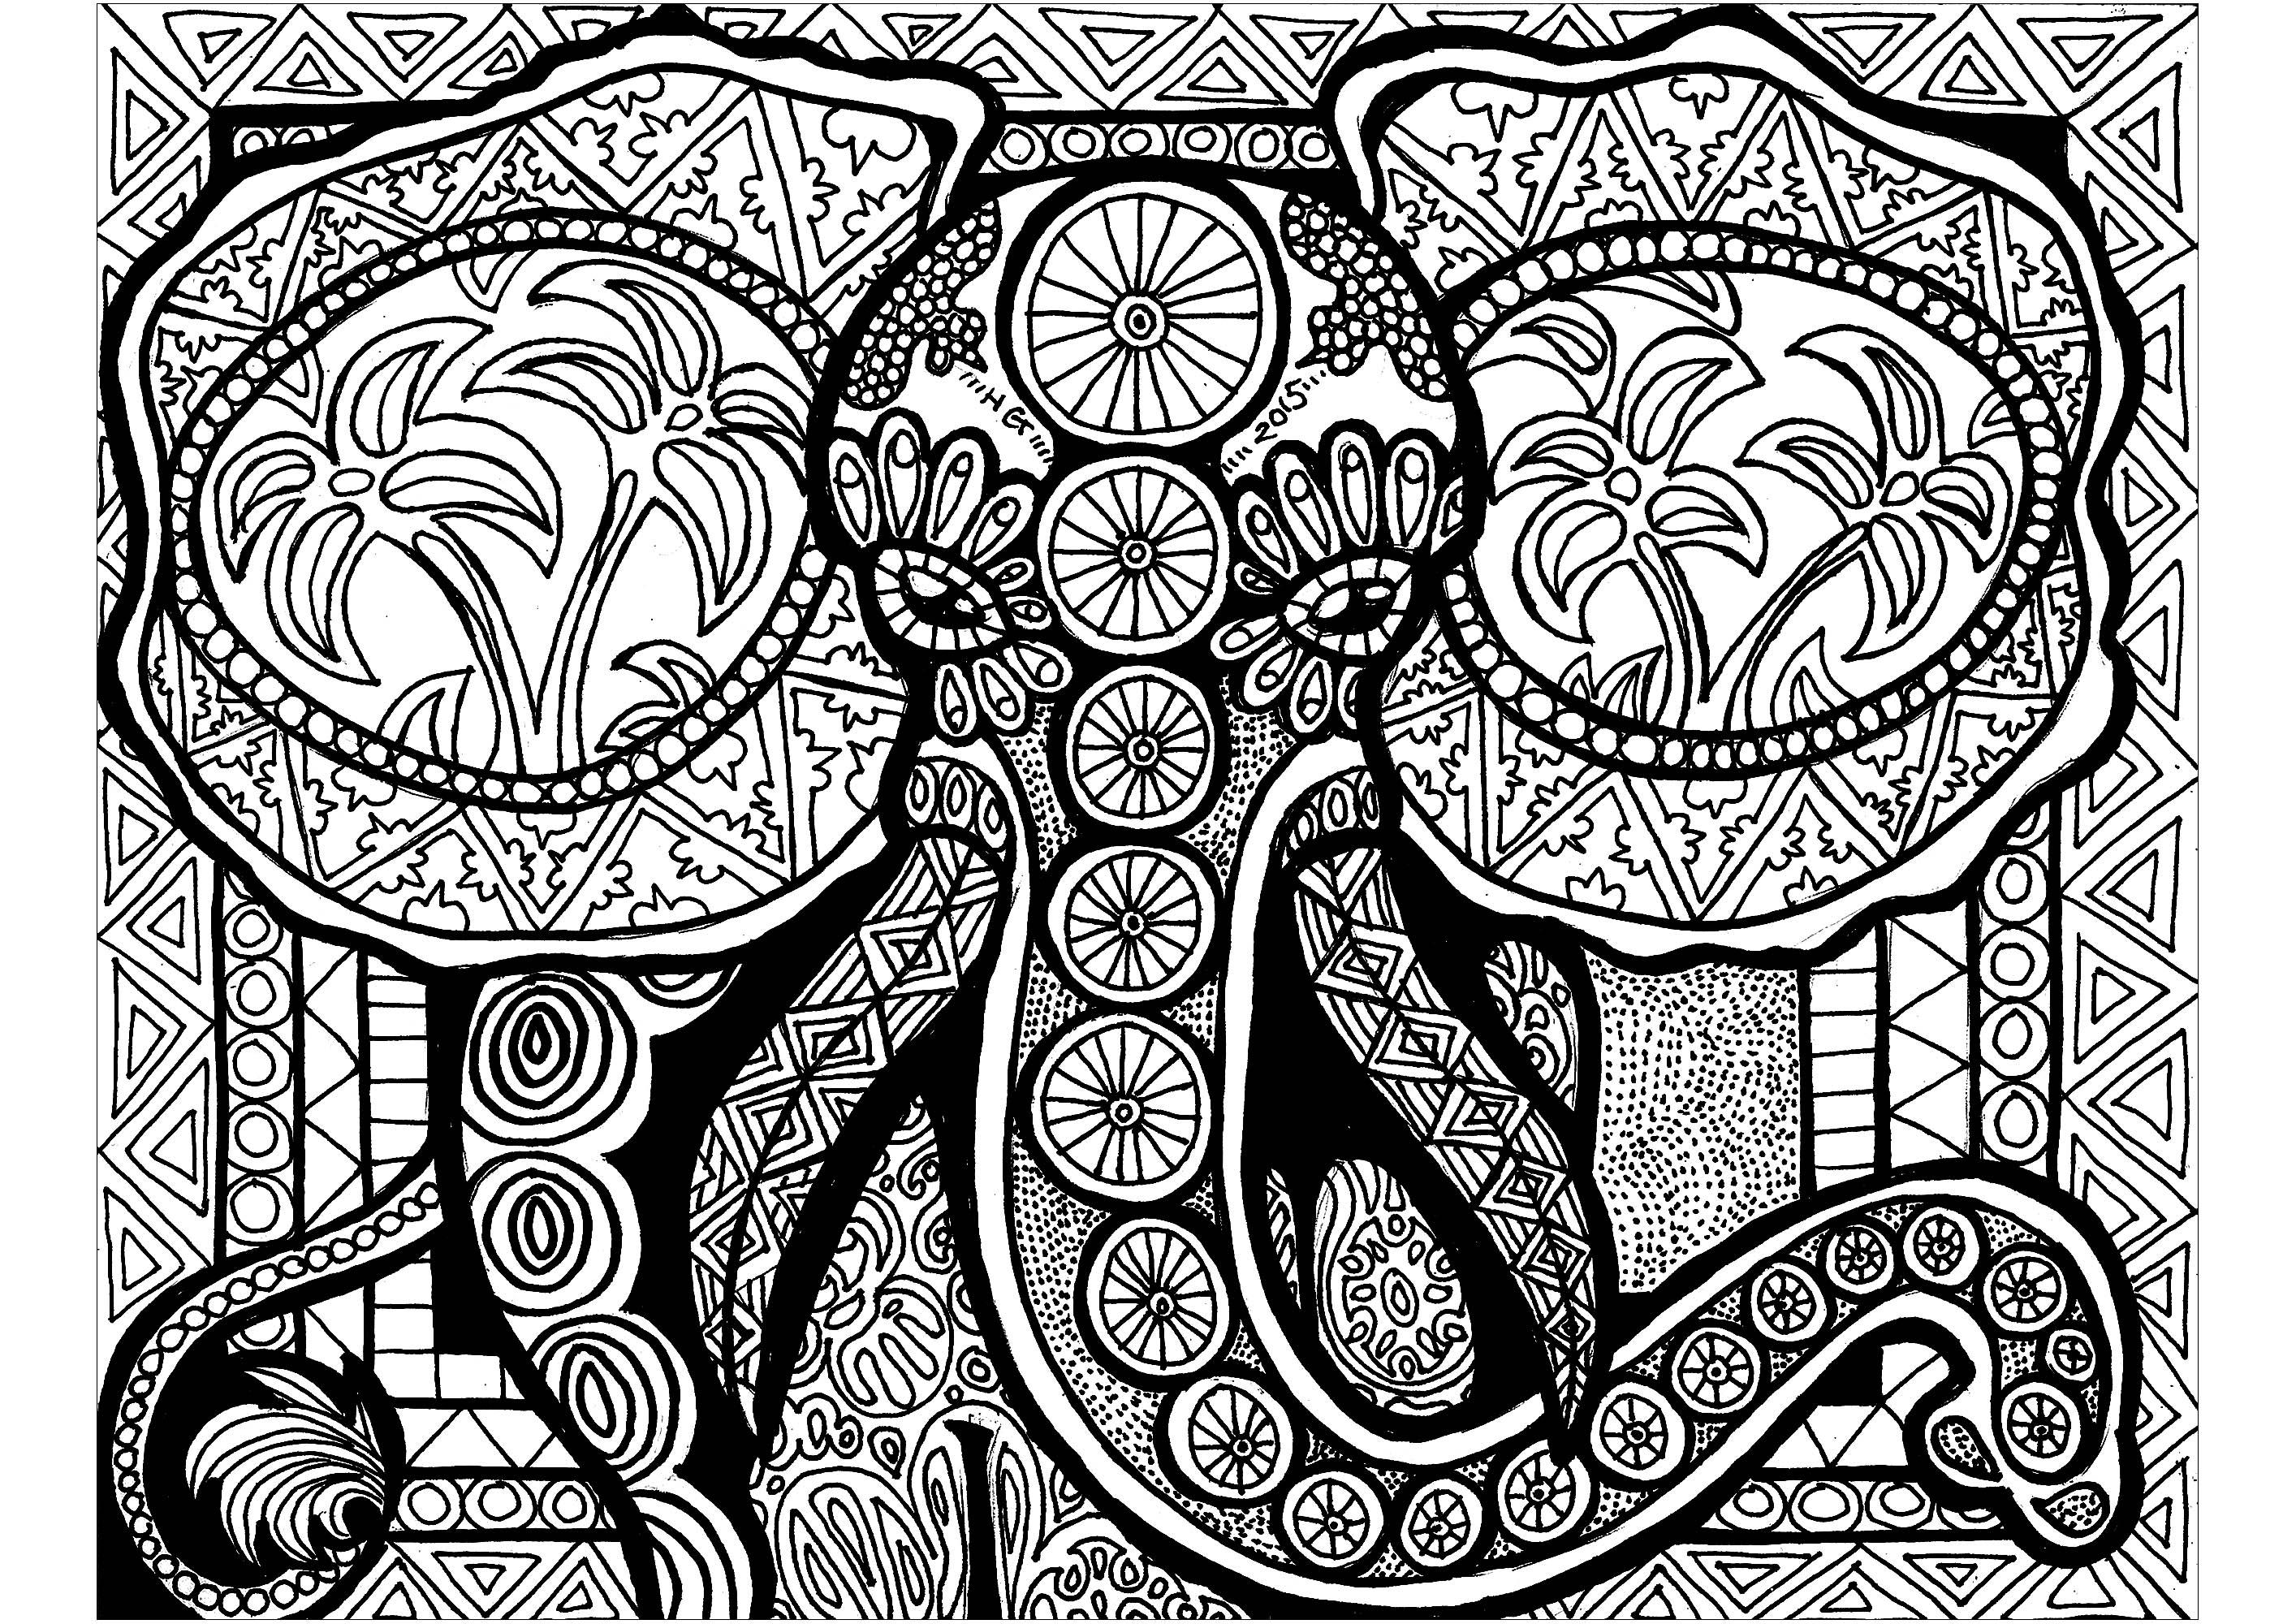 Disegni da Colorare per Adulti : Zentangle - 8